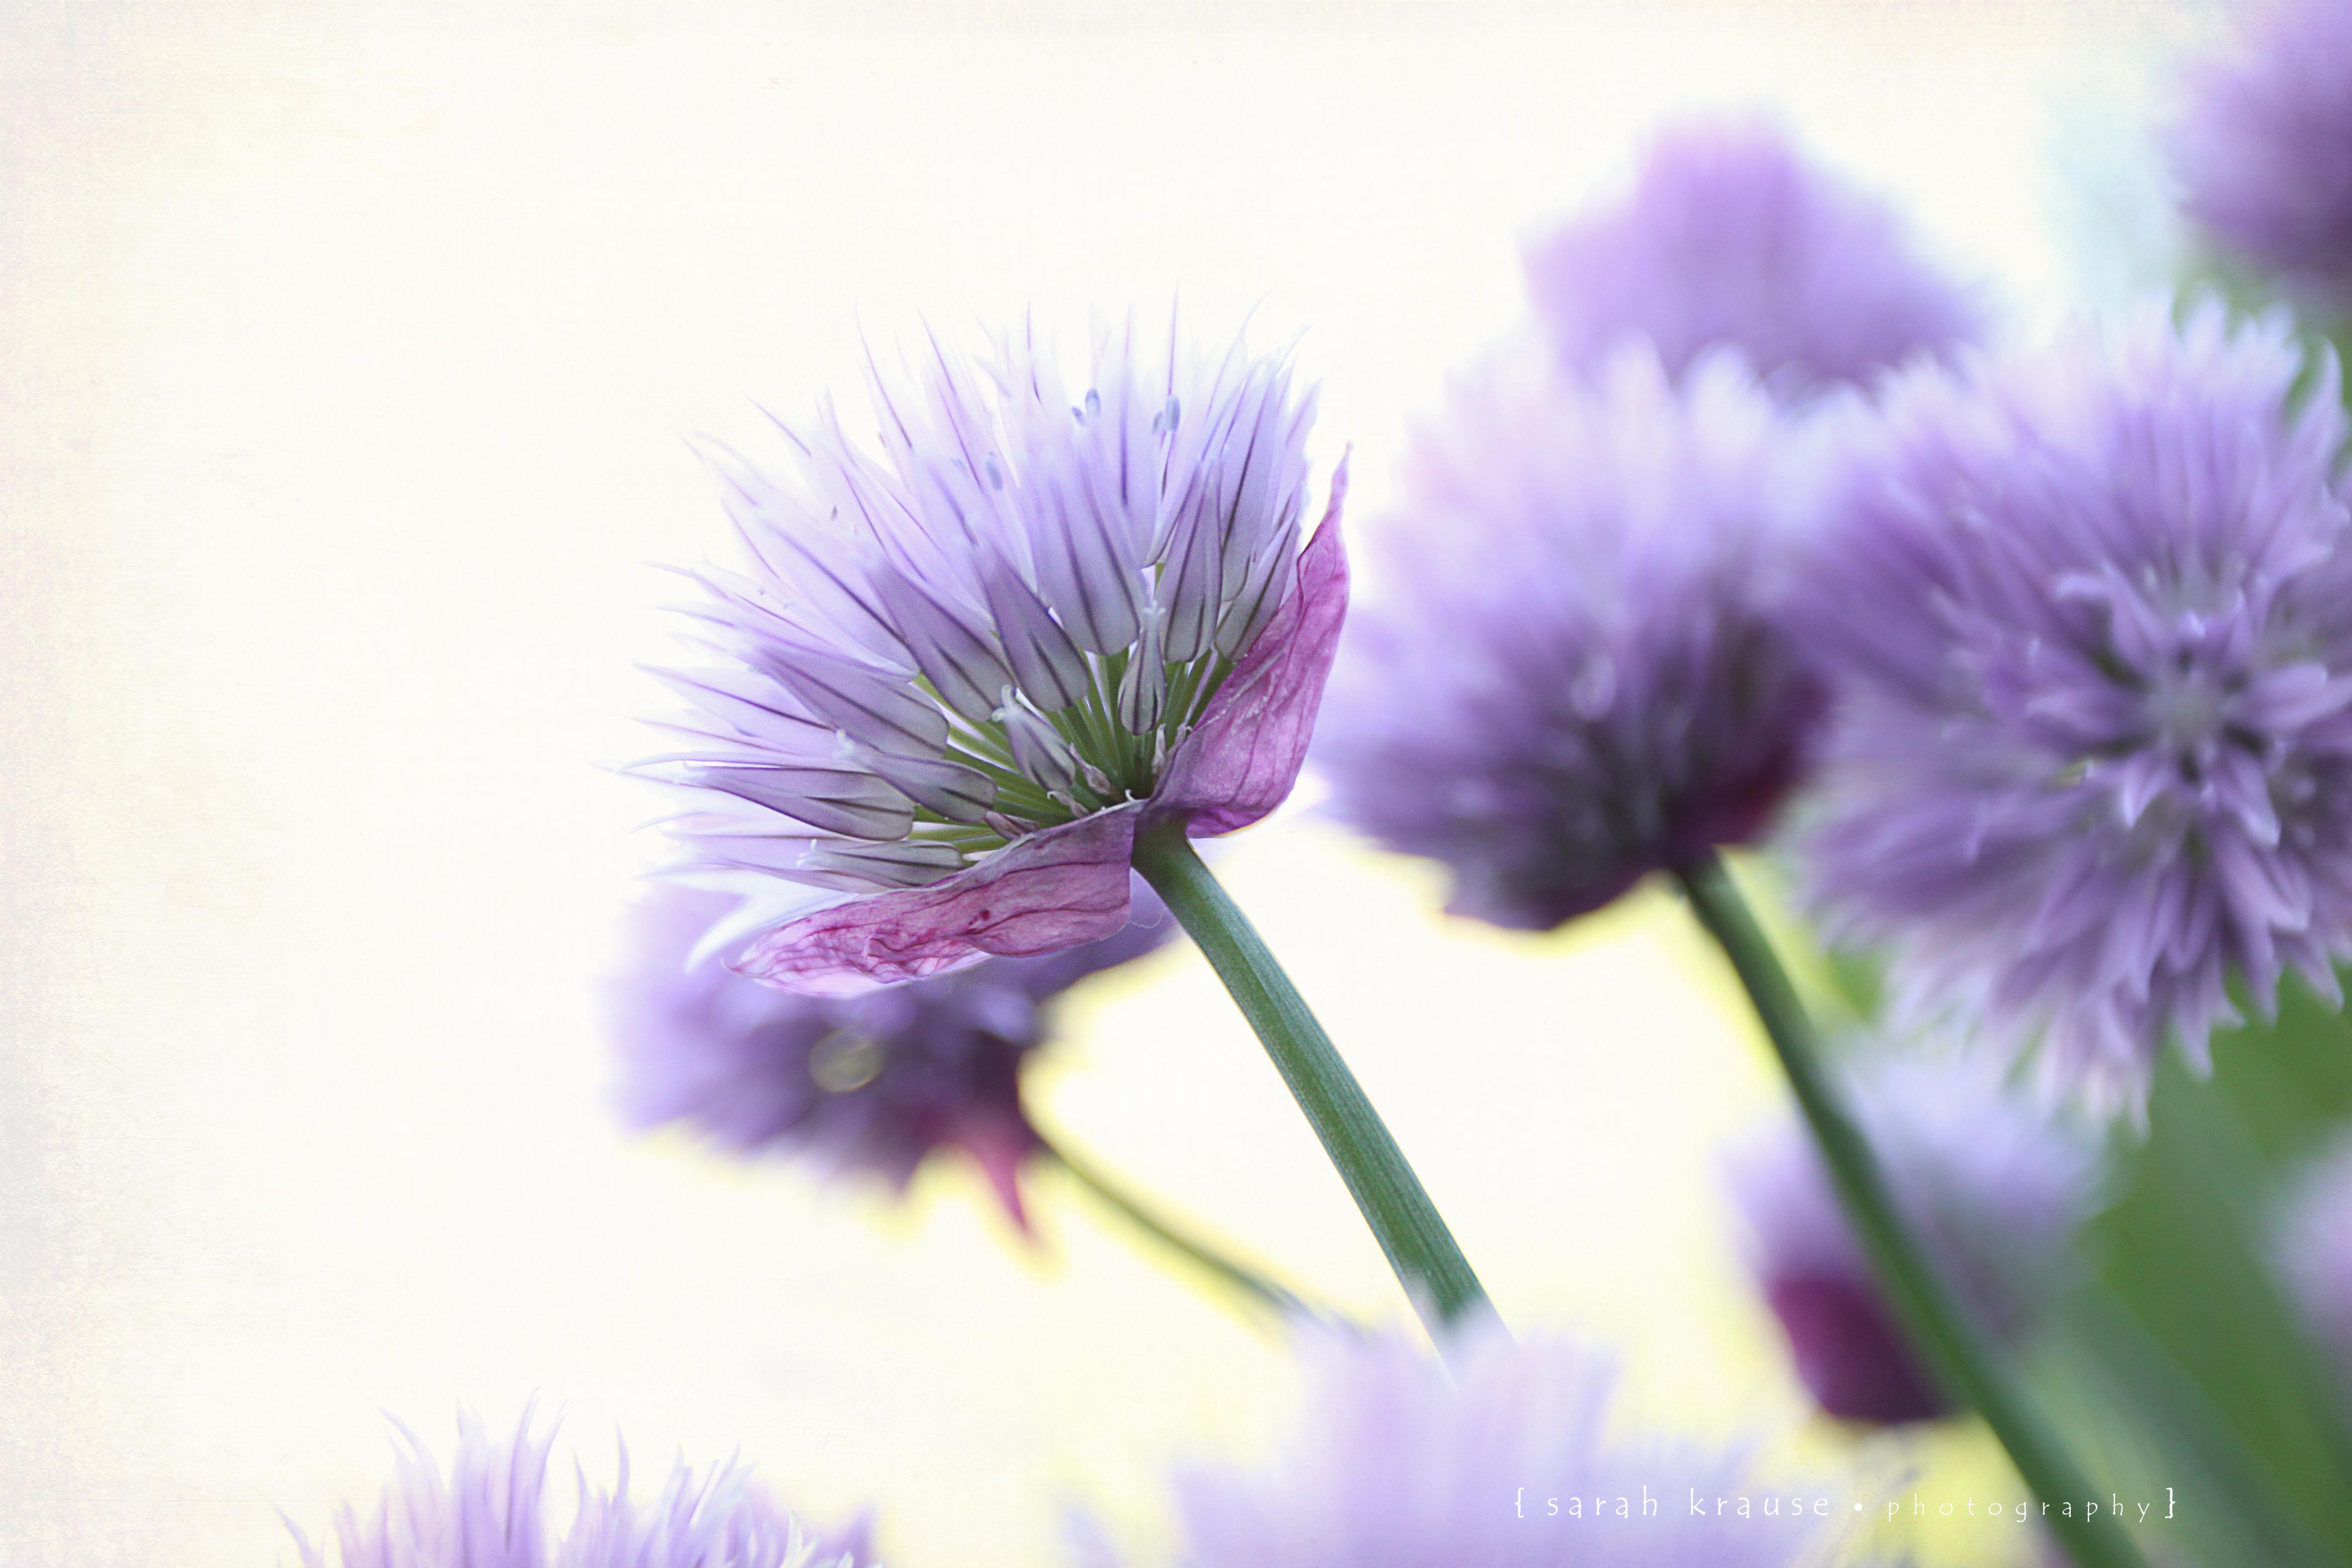 Fond d 39 cran violet texture fleur printemps flore p tale chardon fleur sauvage papier - Image fleur violette gratuite ...